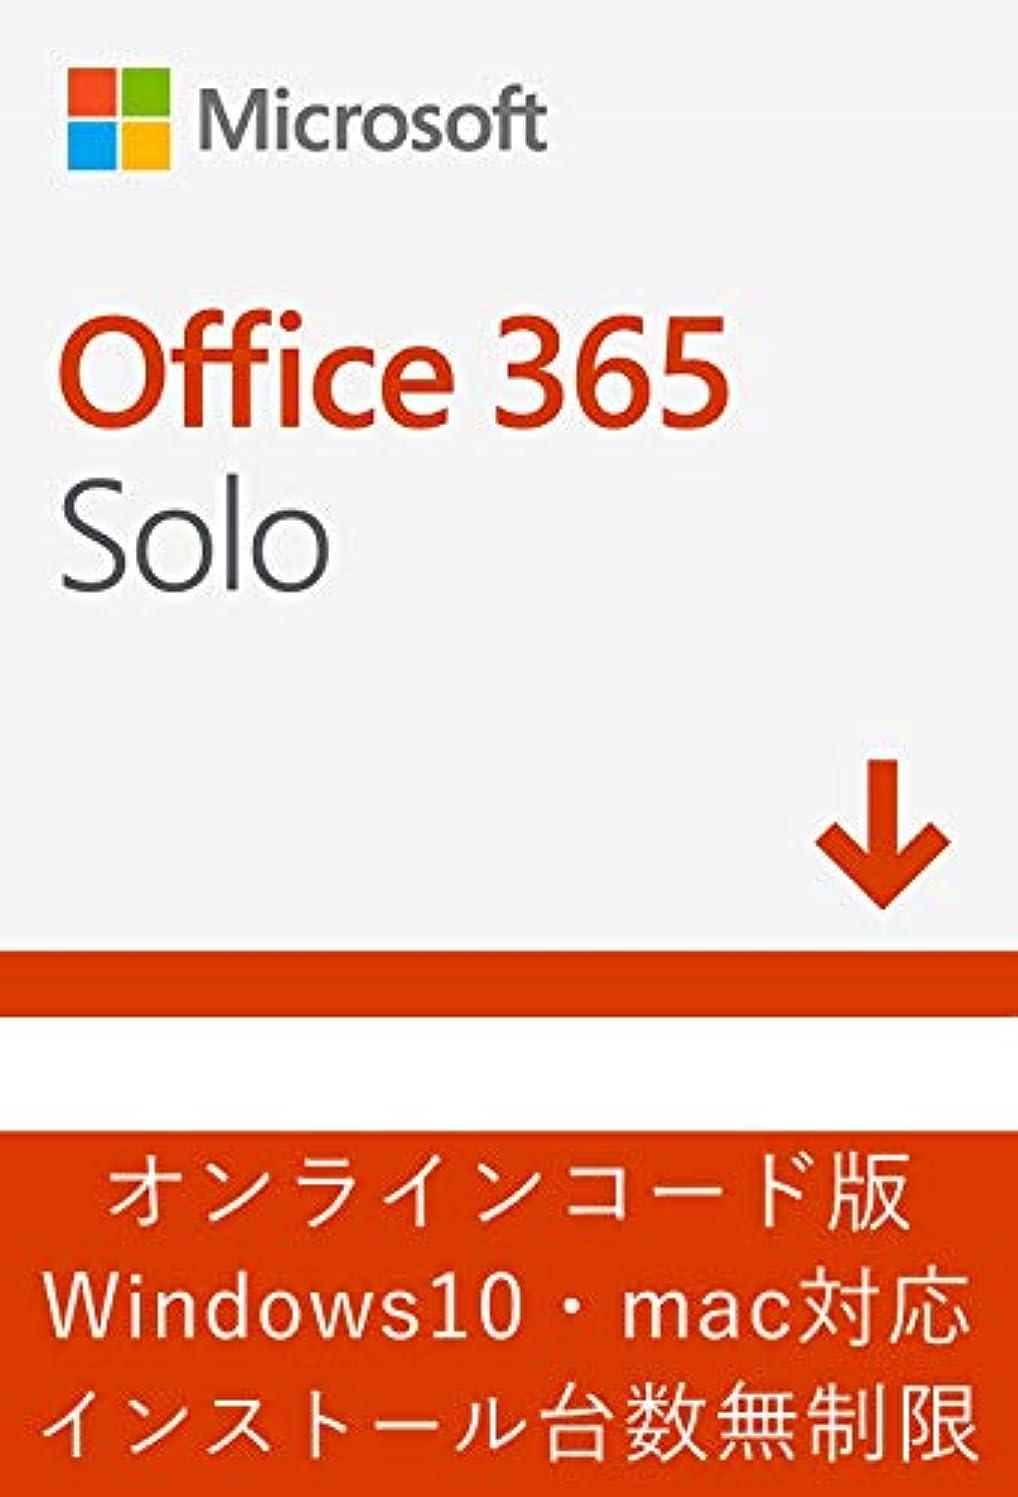 パキスタン人ぼんやりした工業用Microsoft Office 365 Solo (最新 1年版) オンラインコード版 Win/Mac/iPad インストール台数無制限(同時使用可能台数5台)